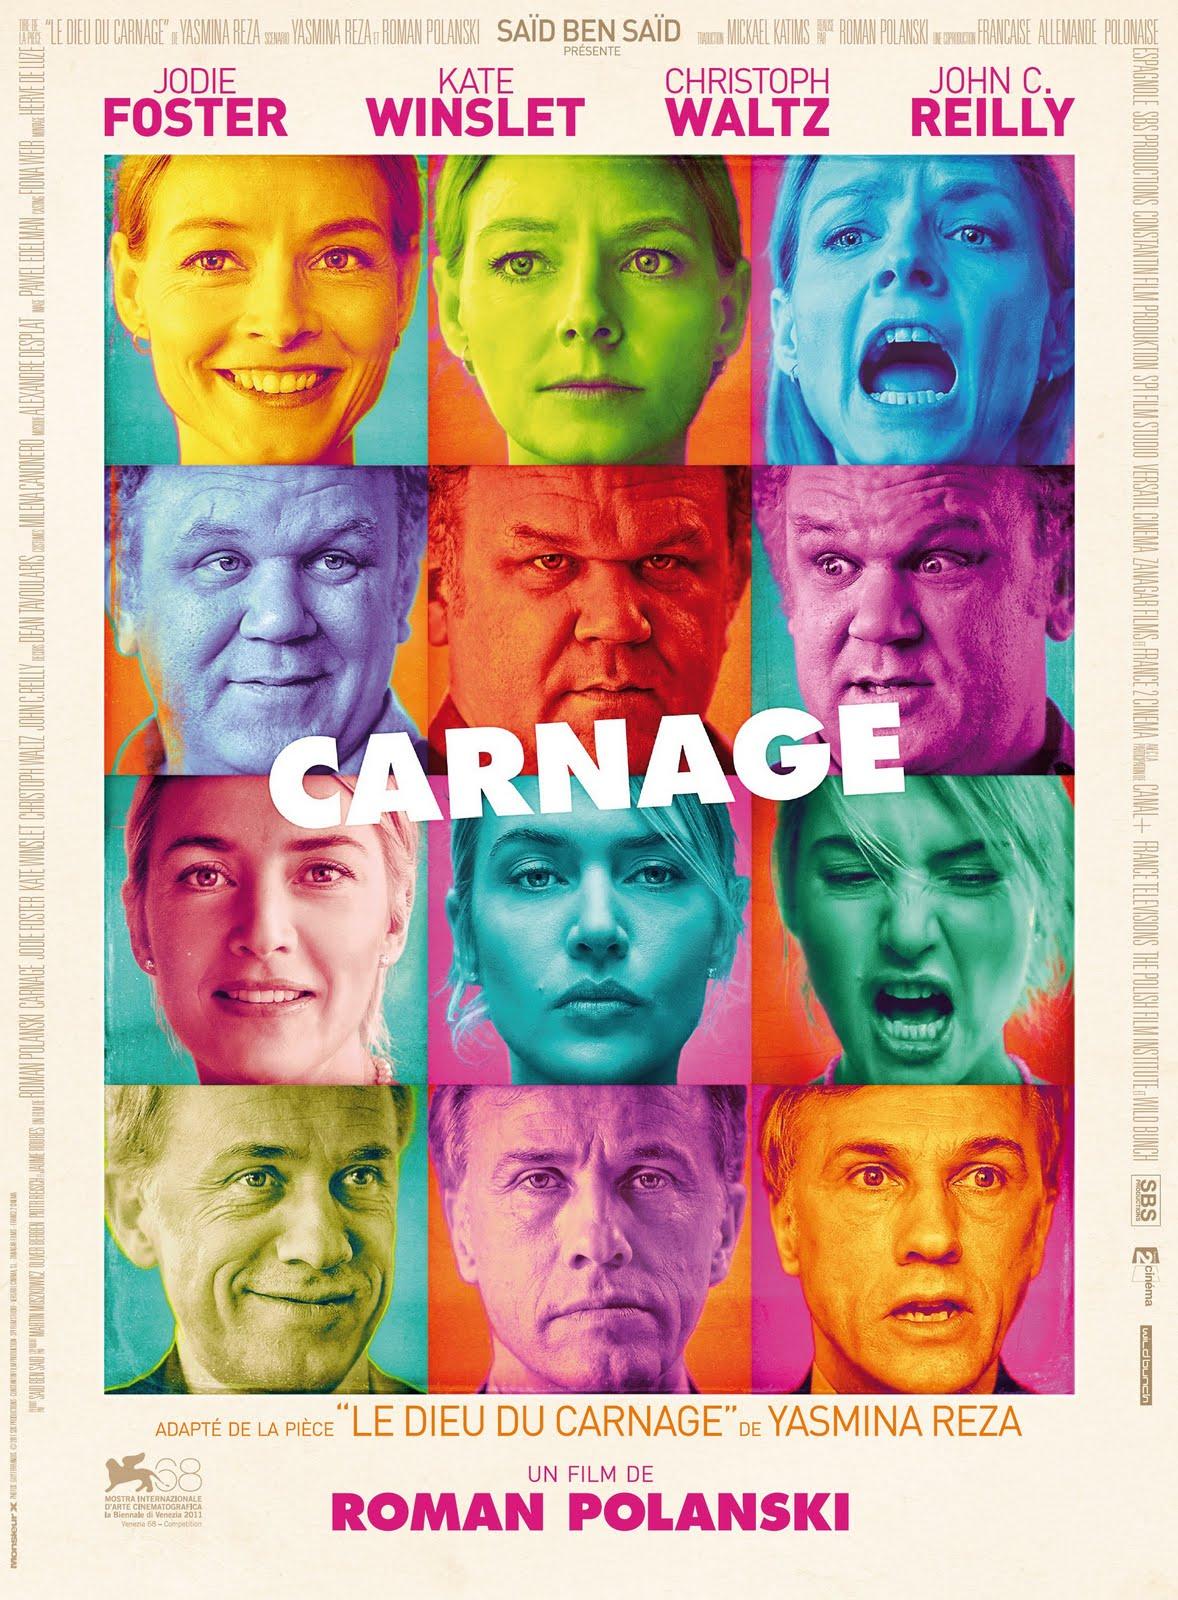 http://4.bp.blogspot.com/-qpxl92kaCCs/TtOX2S9psfI/AAAAAAAAL-Q/8Eh4XhjdPJw/s1600/Carnage-2011-Poster-2.jpg